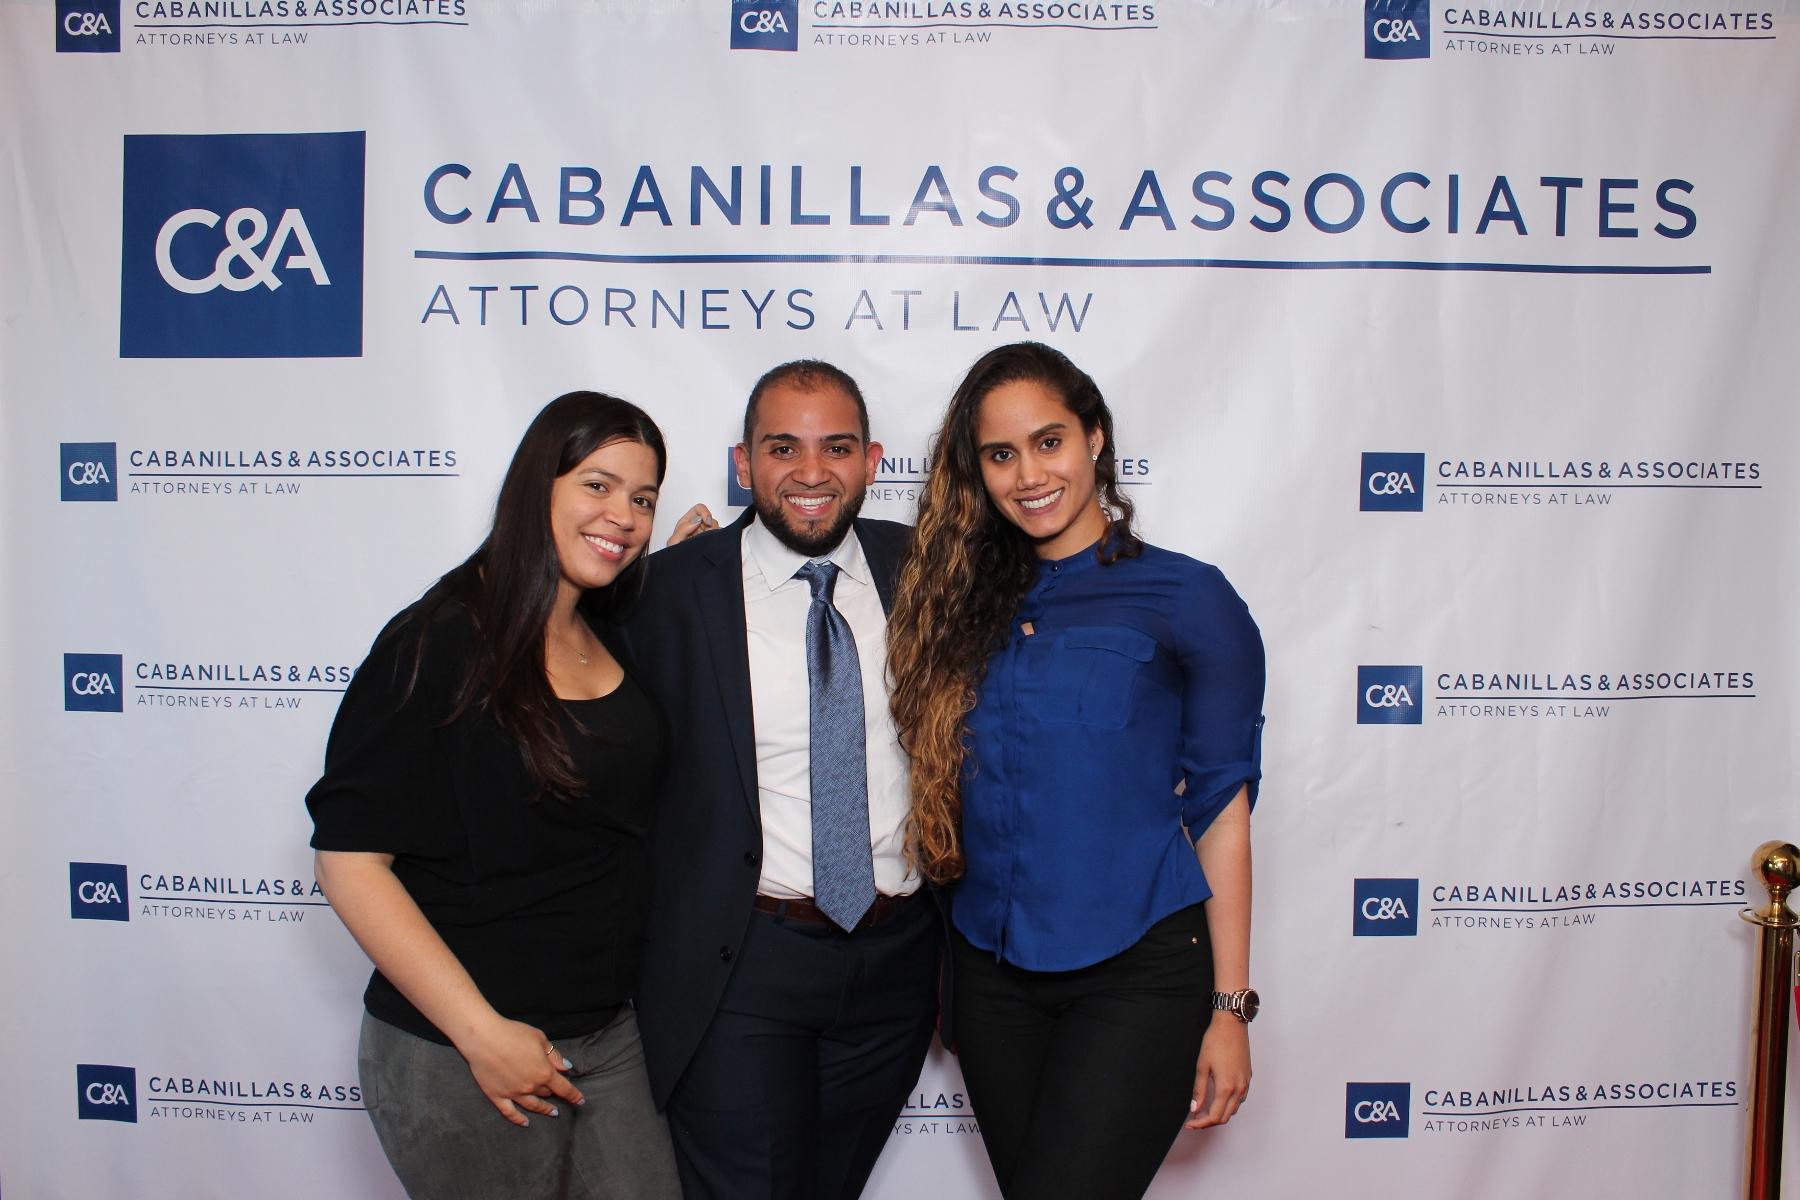 Cabanillas_2016-06-16_18-56-17.jpg